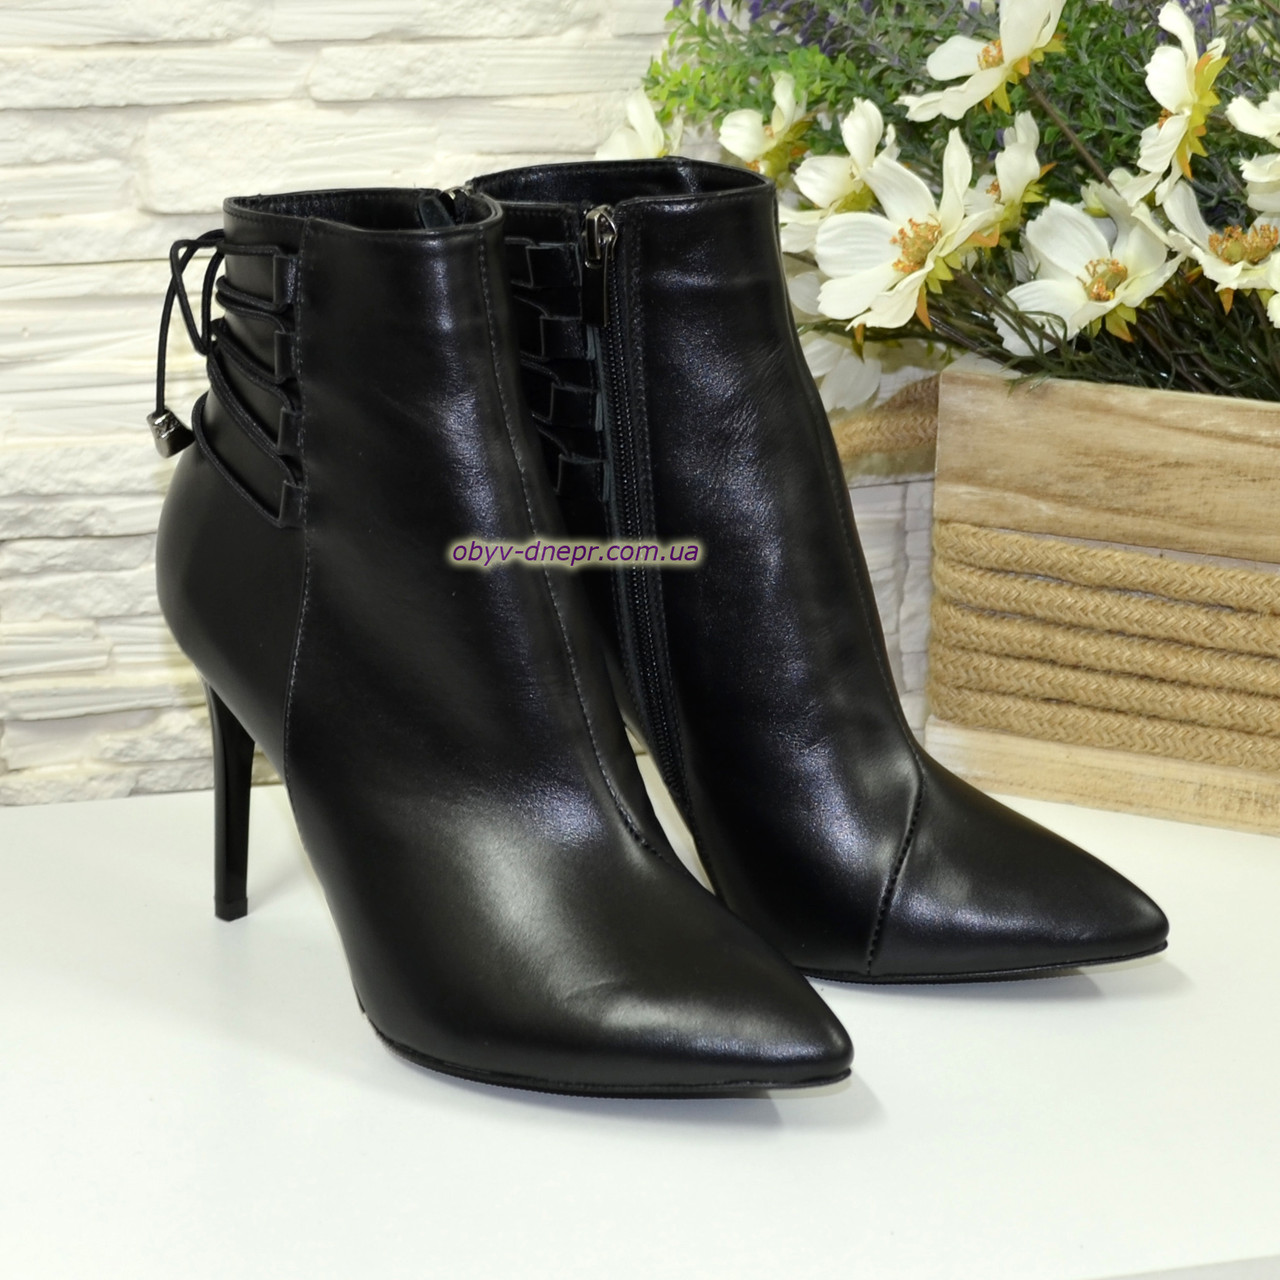 Ботинки кожаные женские зимние на шпильке